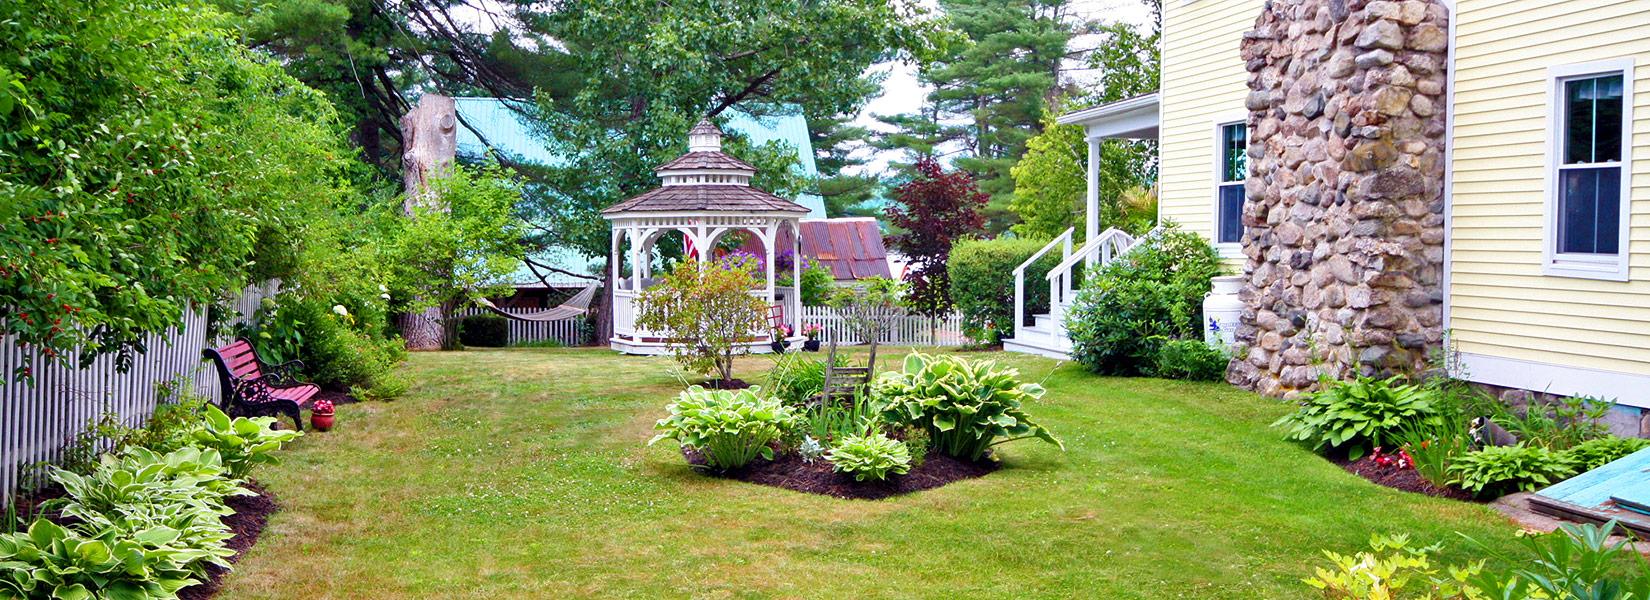 Yard at Lakeview Inn